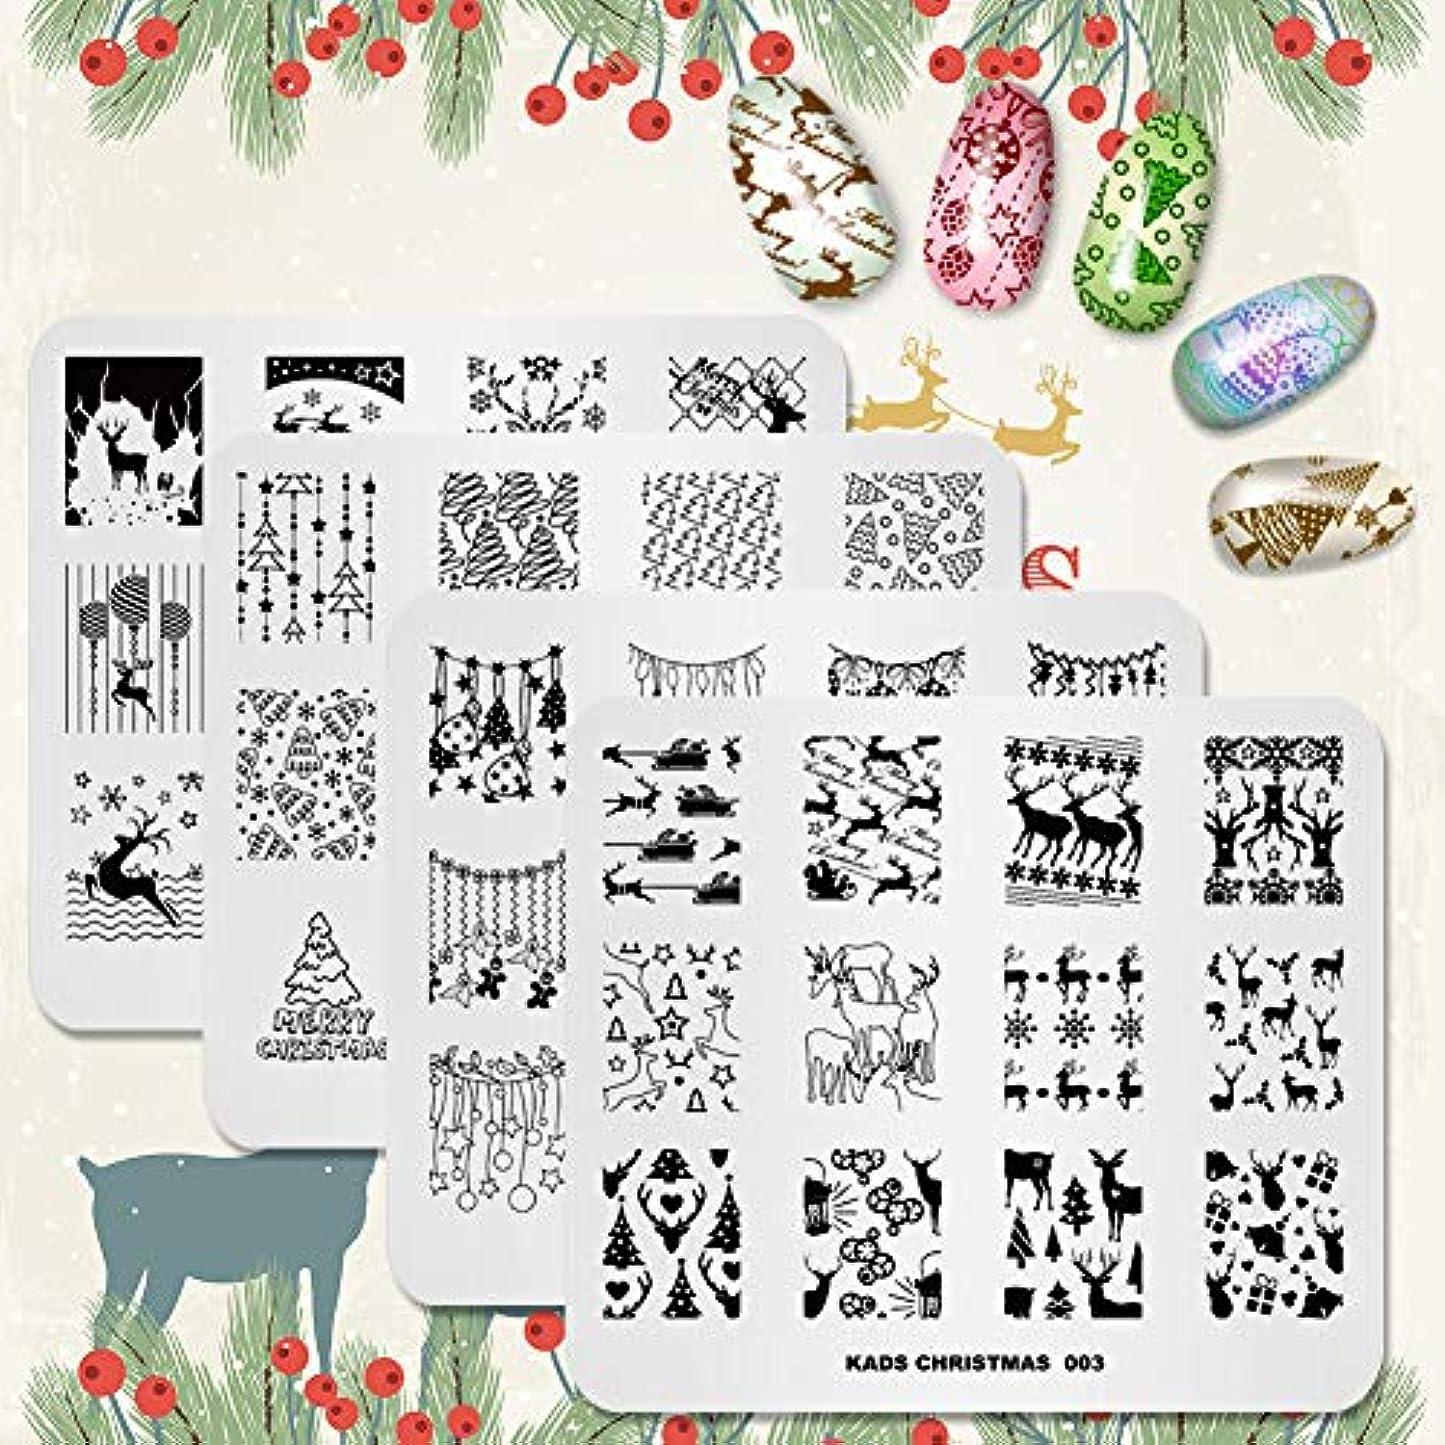 デンマーク語少数オークランドKADS クリスマスネイルアートスタンピングプレート4枚セット 福袋/クリスマスツリー/鹿 ネイルイメージプレート ネイルアート用品道具 (セット5)